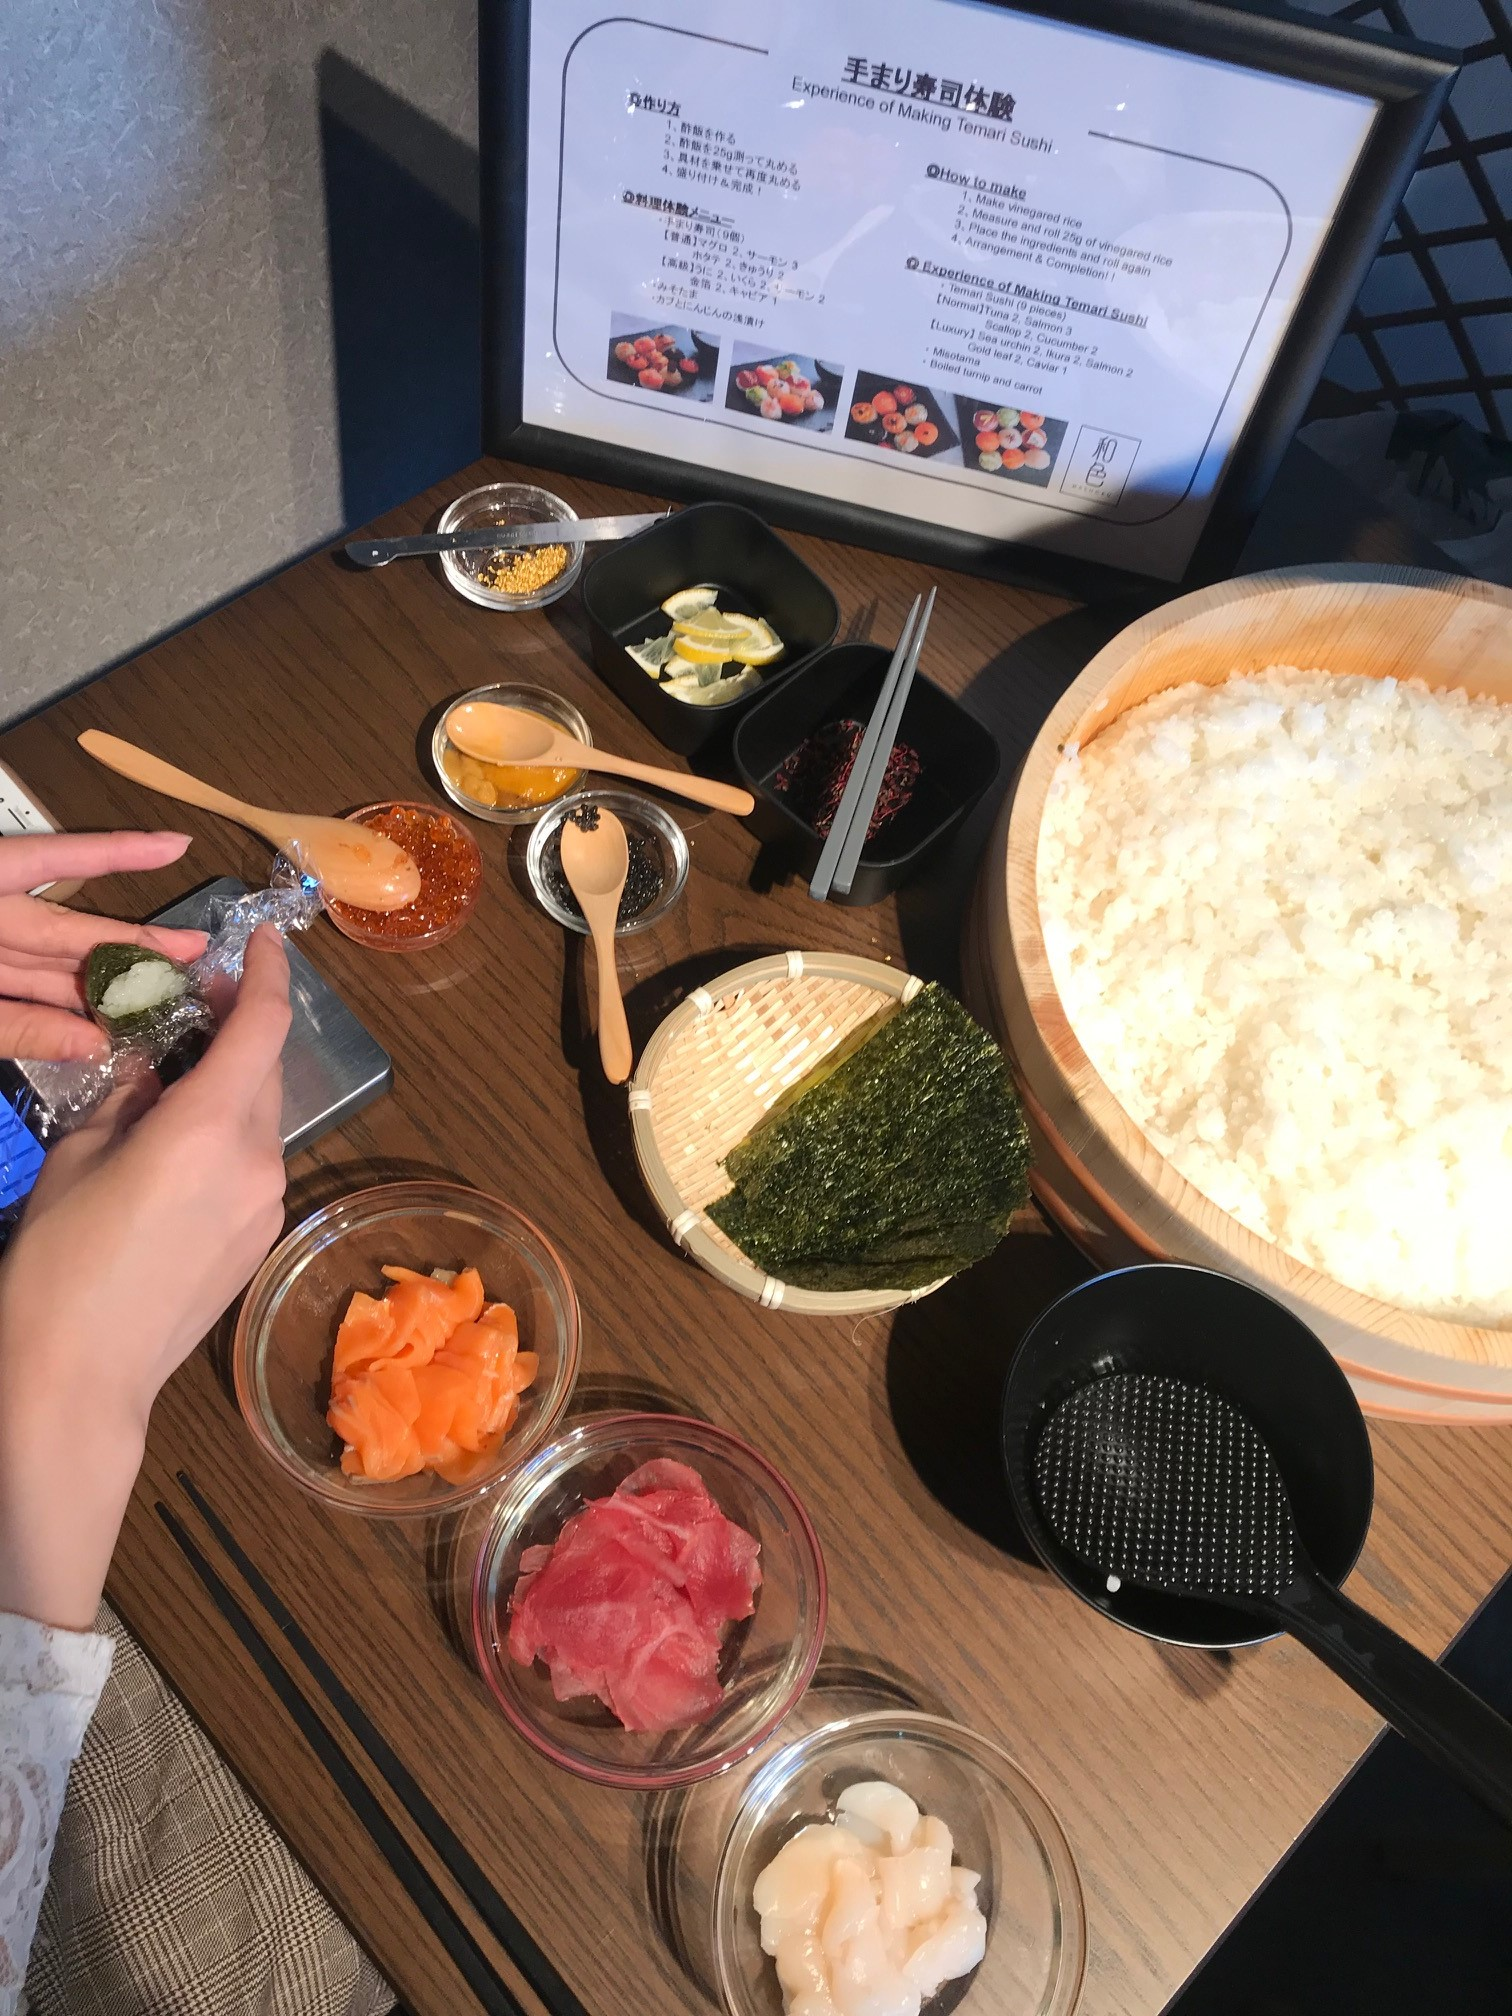 浅草でオリジナル手まり寿司を作ろう! 『体験Dining 和色 -WASHOKU-』で2020年最初の女子会してみない?_4